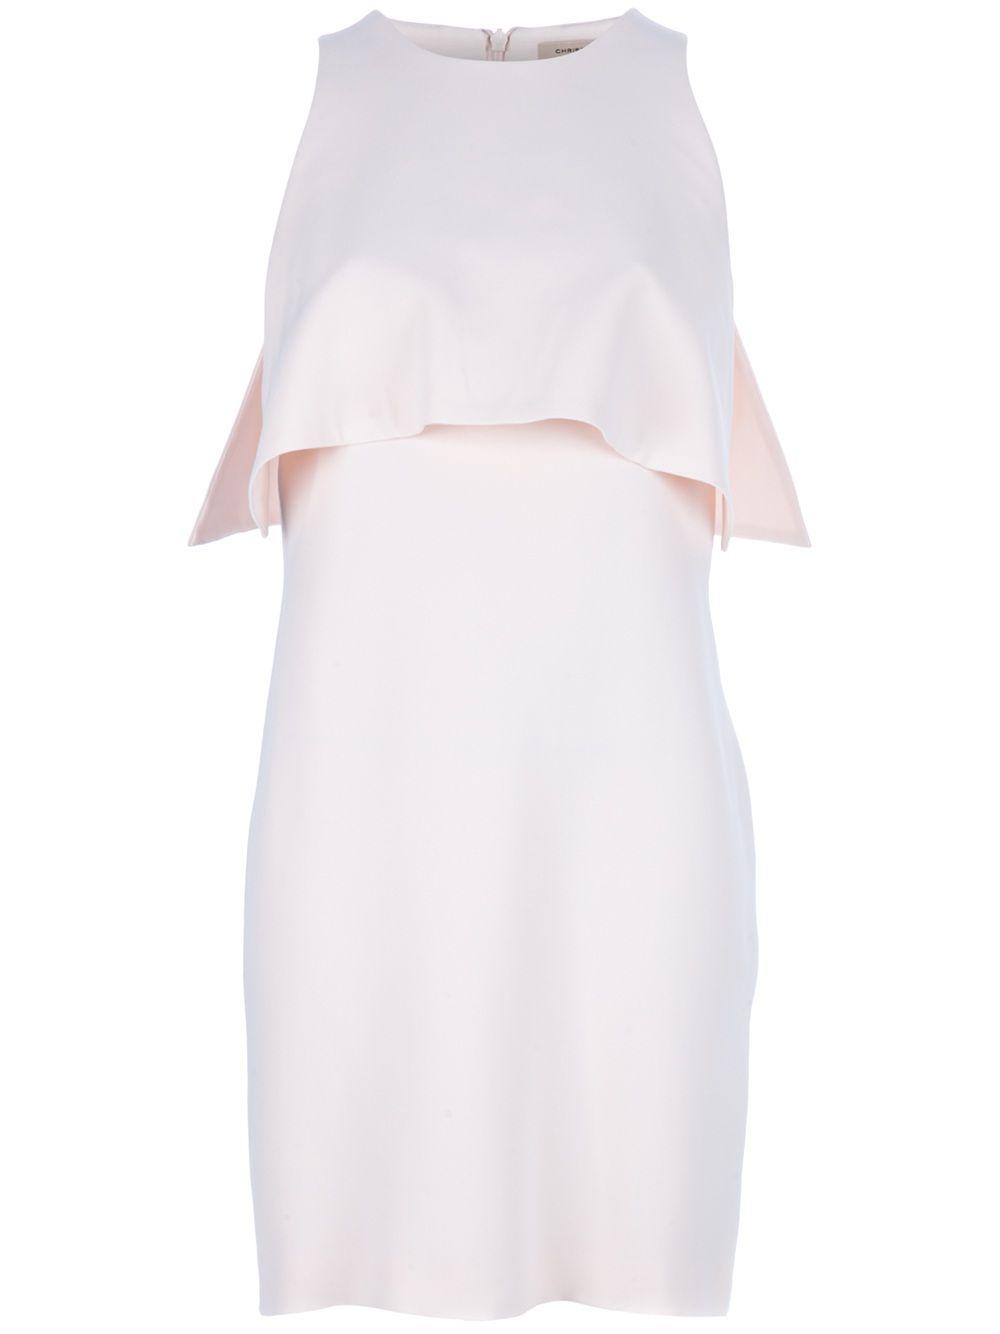 Nyitott vállú csipkeruha | Pretty outfits, Dresses, Short